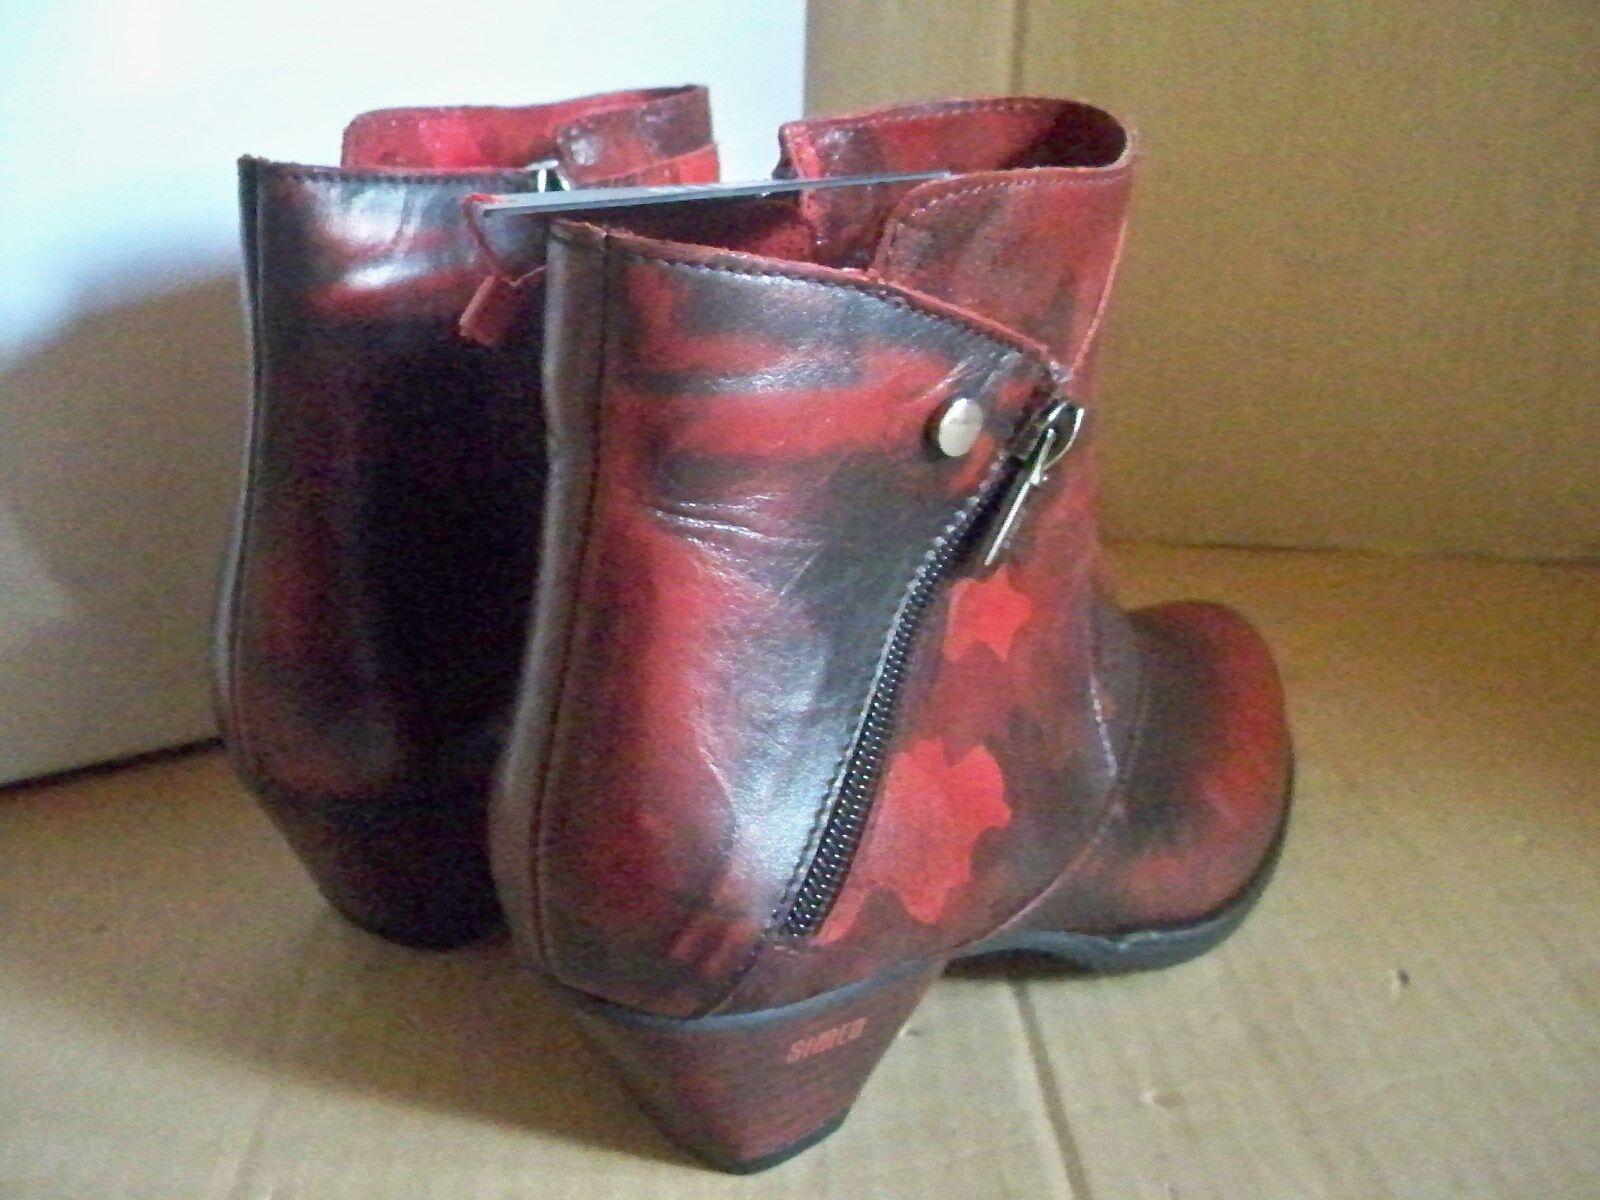 SIMEN  Stiefeletten Camouflage    Rot  Reißverschluss Leder Gr 39   9046 Weite G 0fac59